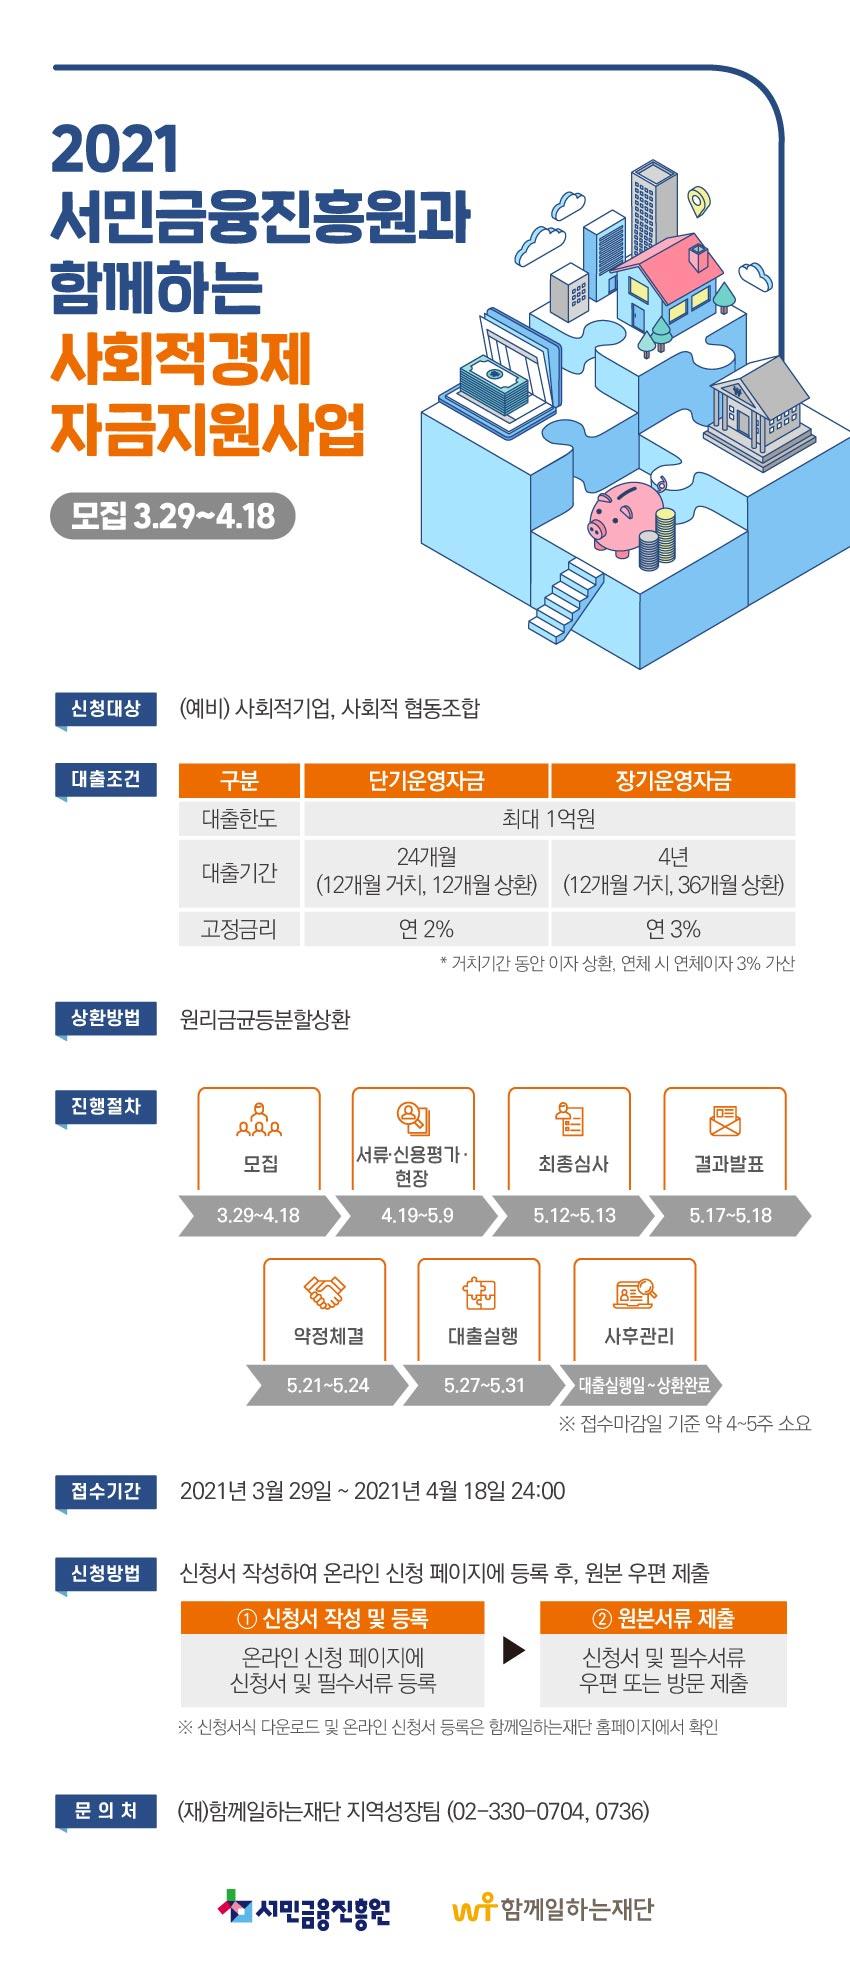 함께일하는재단_2020-서민금융진흥원과-함께하는-사회적경제-자금지원사업_웹포스터_최종.jpg